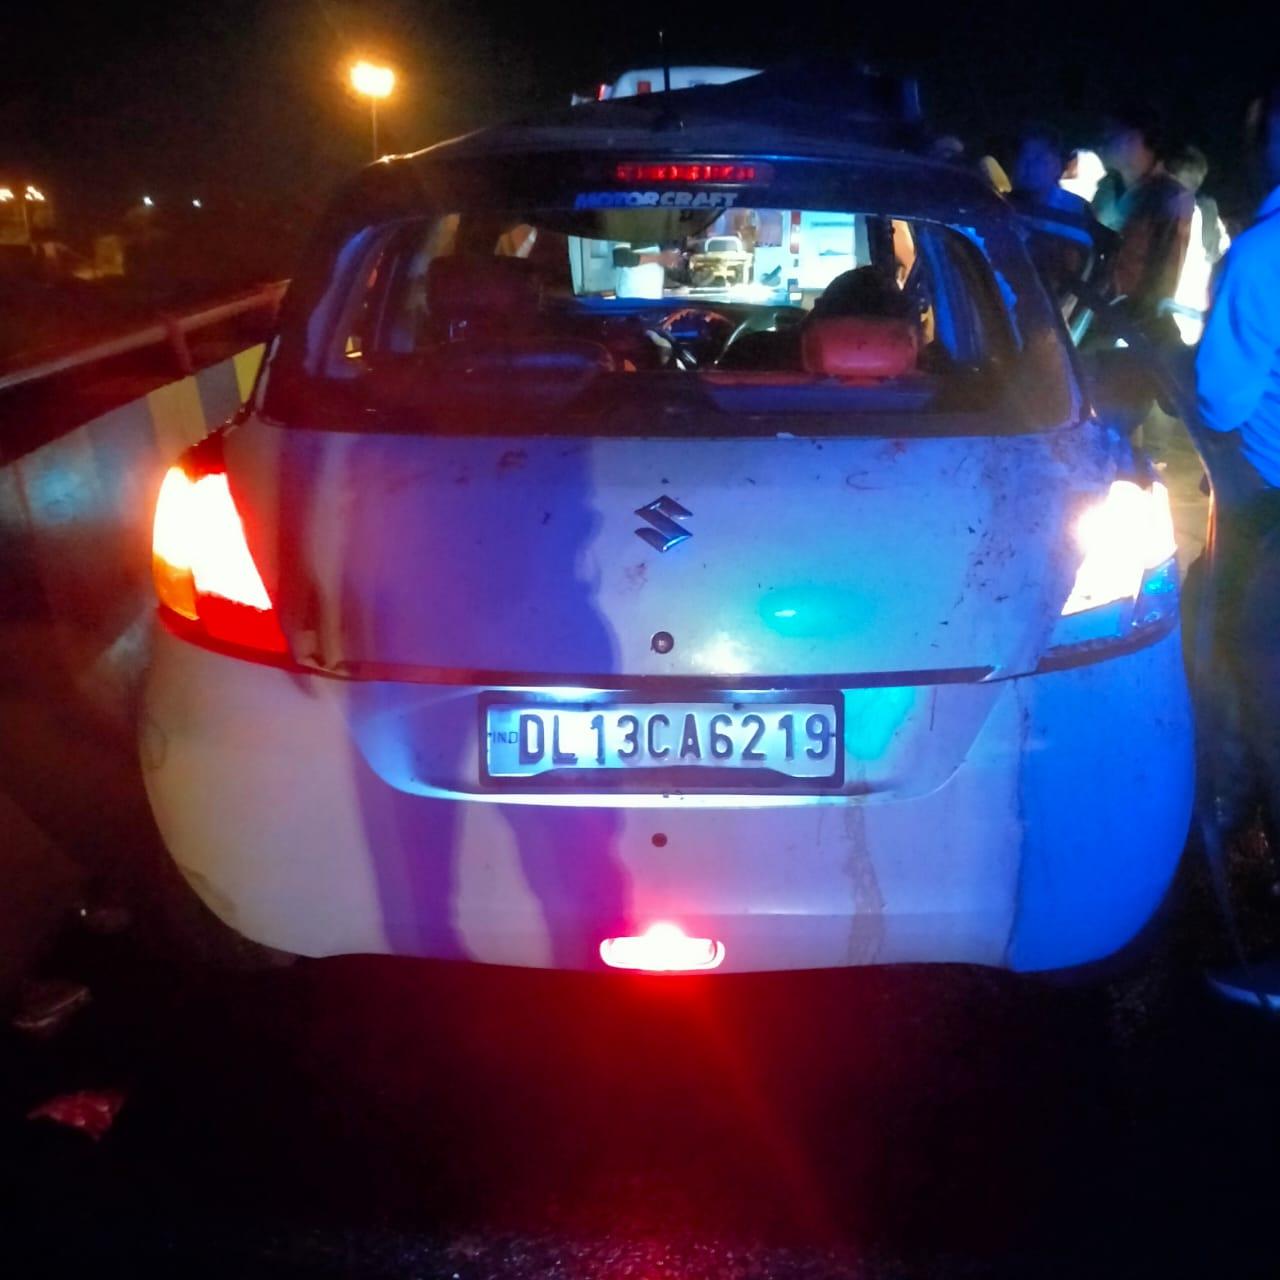 यमुना एक्सप्रेस वे पर गौवंश को बचाने के चक्कर में कार अनियंत्रित हो कर पलट गयी , हादसे में एक की मौत हो गयी जबकि चार घायल हो गये - Dainik Bhaskar